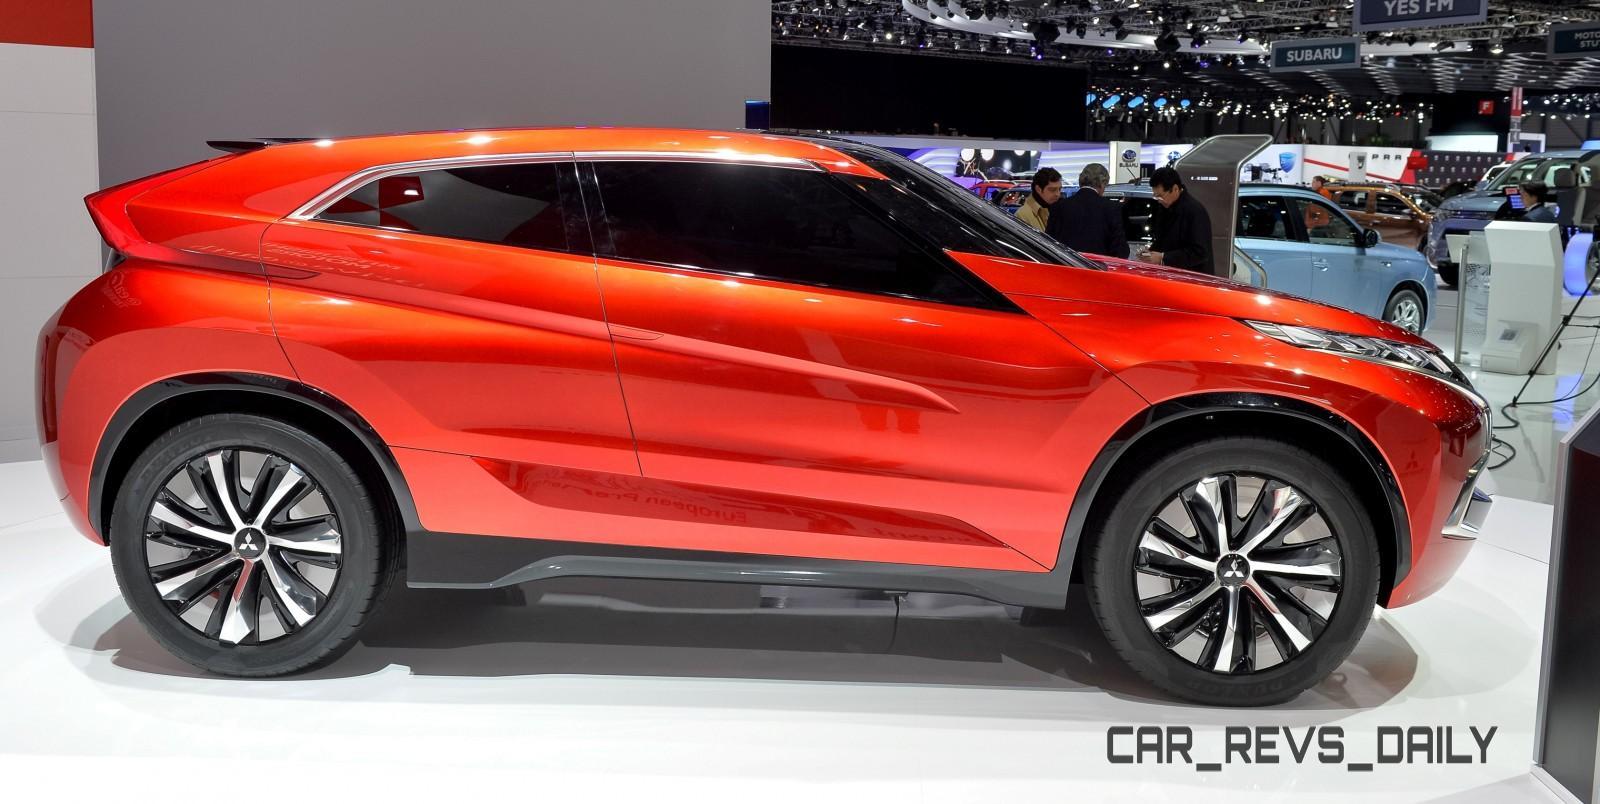 Latest Mitsubishi Exterior Designs Are Bizarre and Alarming 10